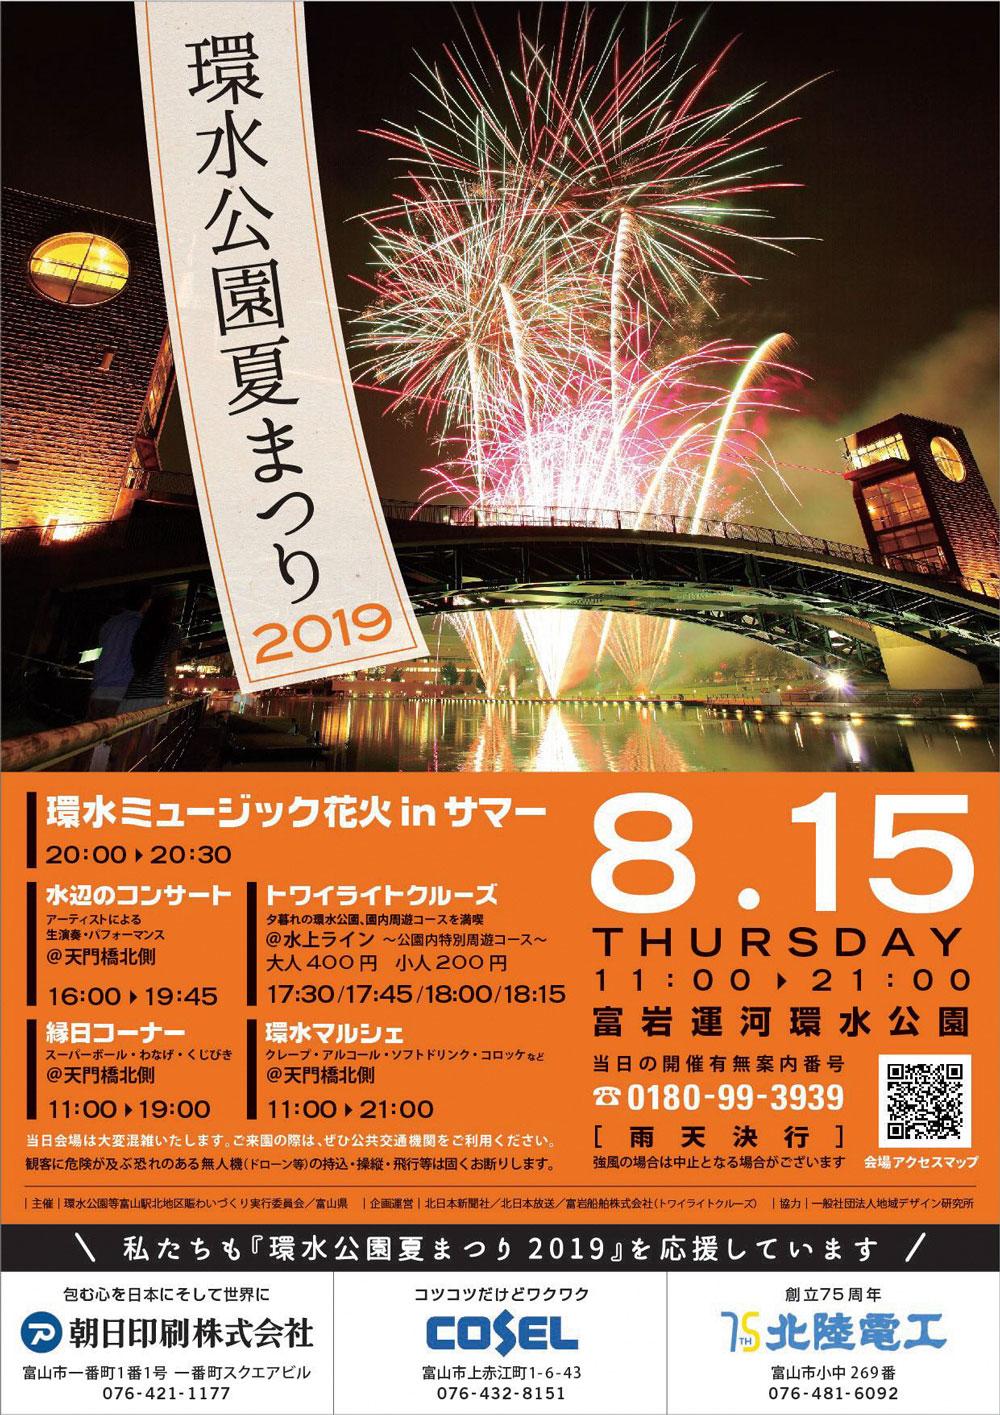 富山市の富岩運河環水公園で開催される「環水公園夏まつり2019花火大会」のチラシ